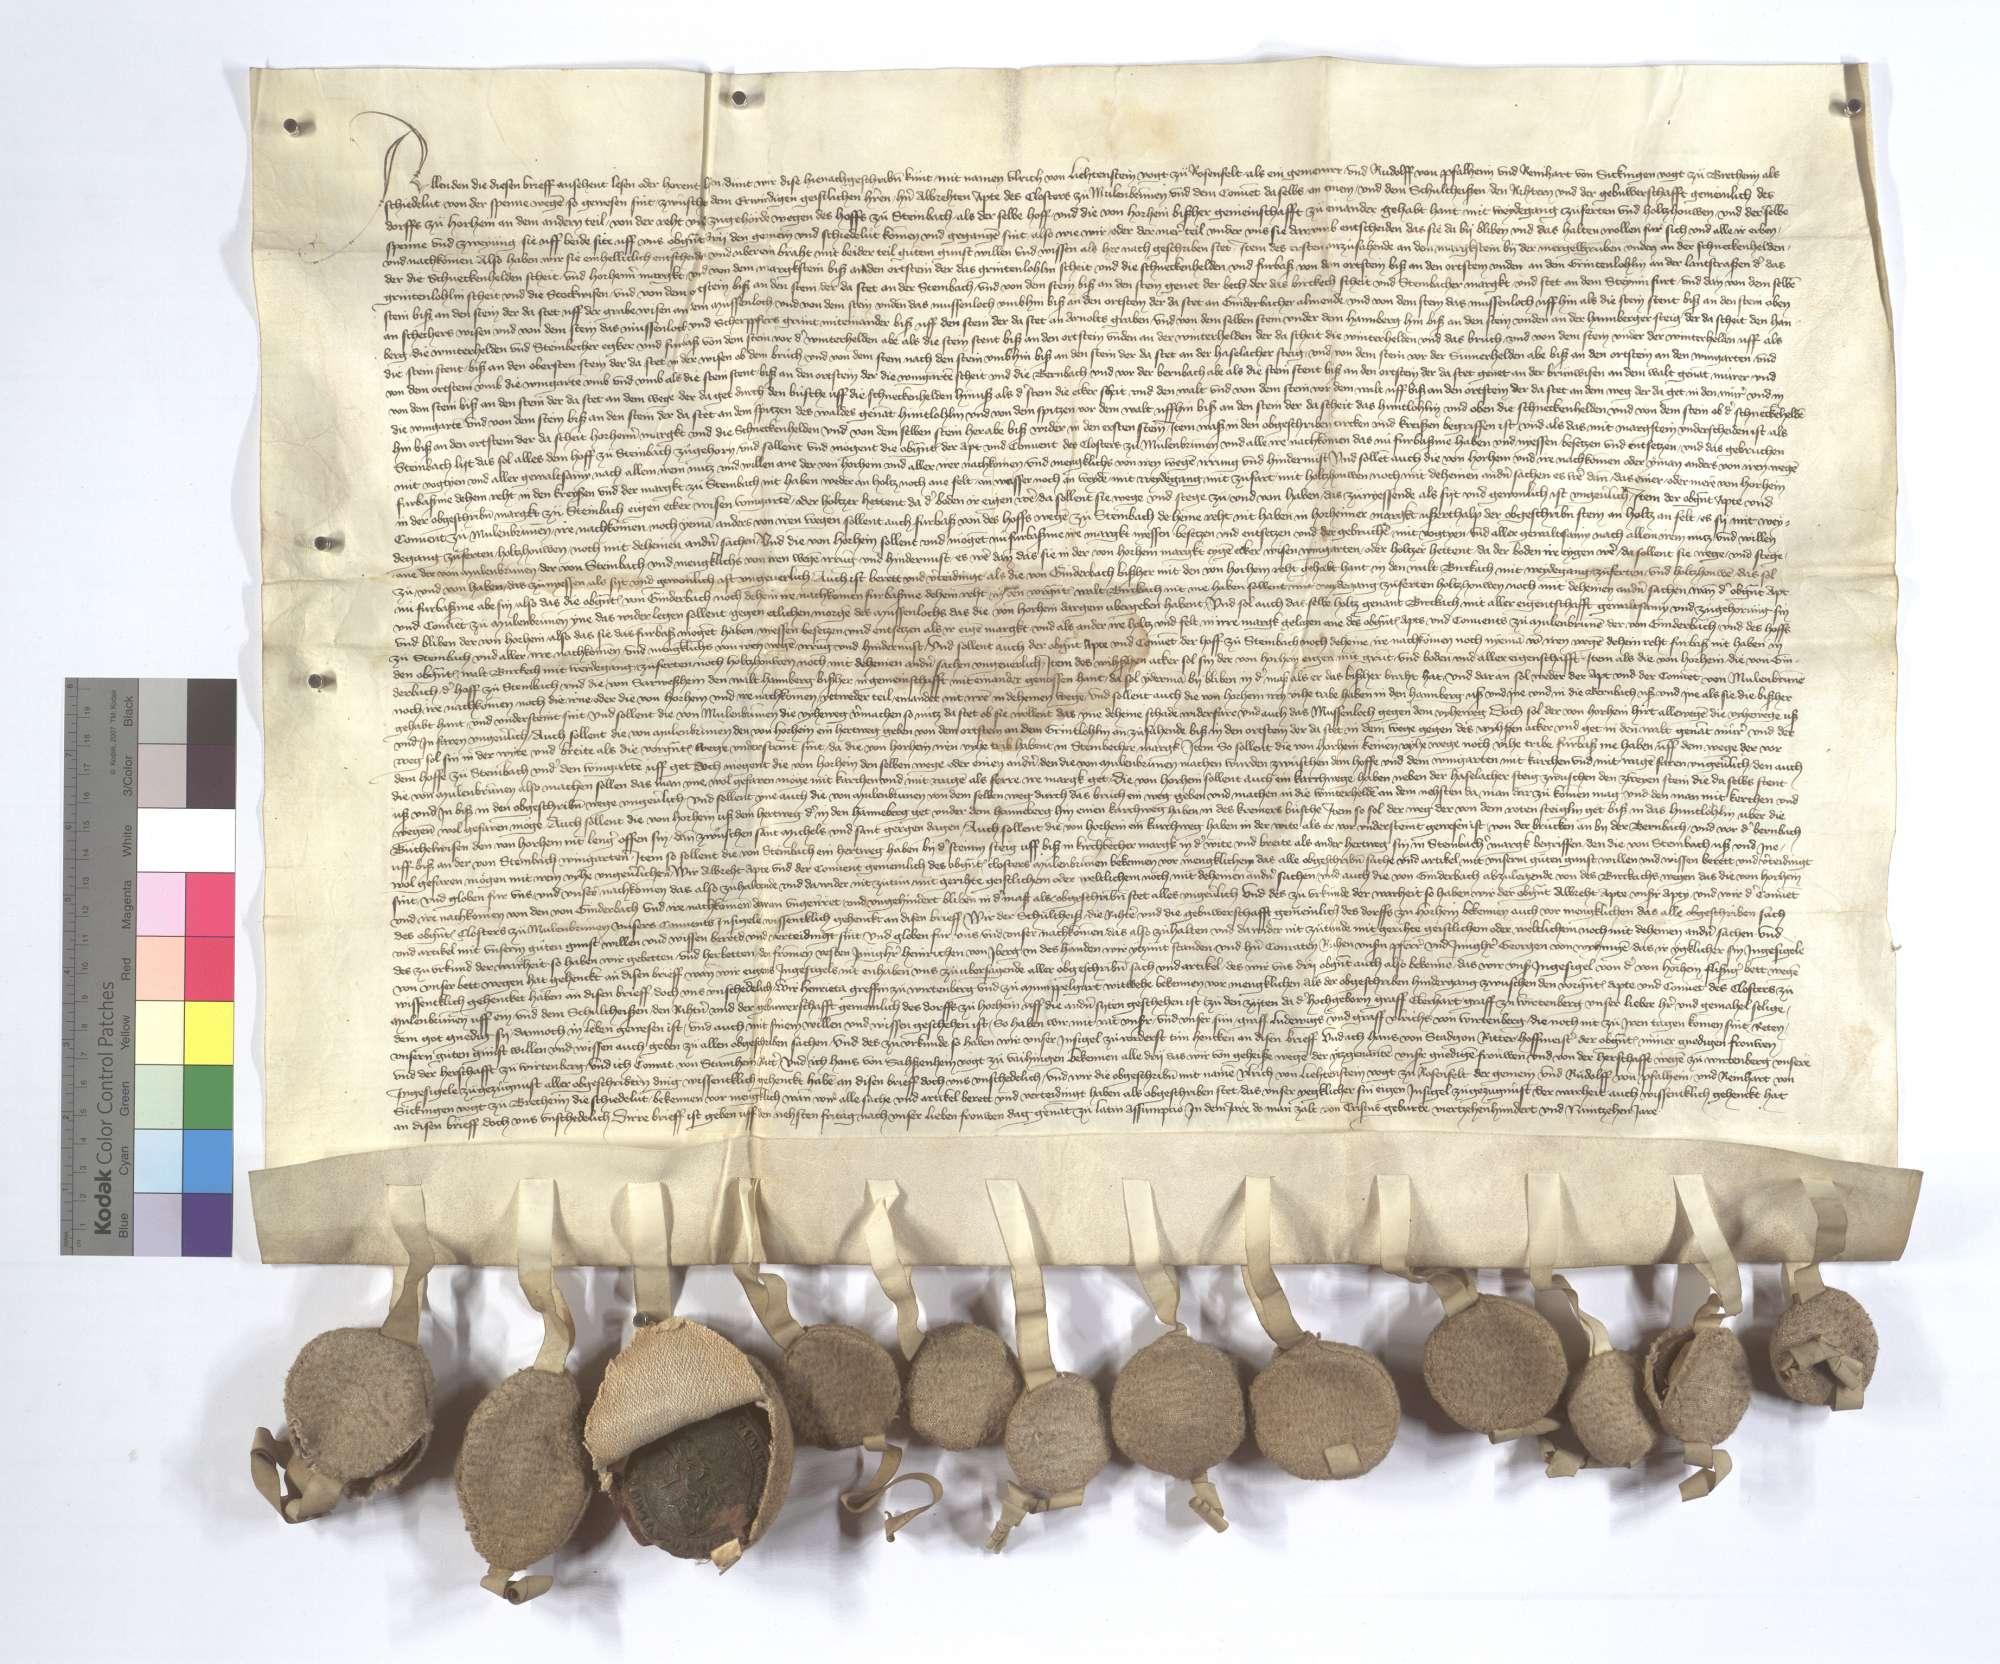 Vereinbarung (Richtung) zwischen dem Kloster Maulbronn und Steinbachhof, wie es mit dem Weidgang und dem Hof Steinbach gehalten werden solle., Text